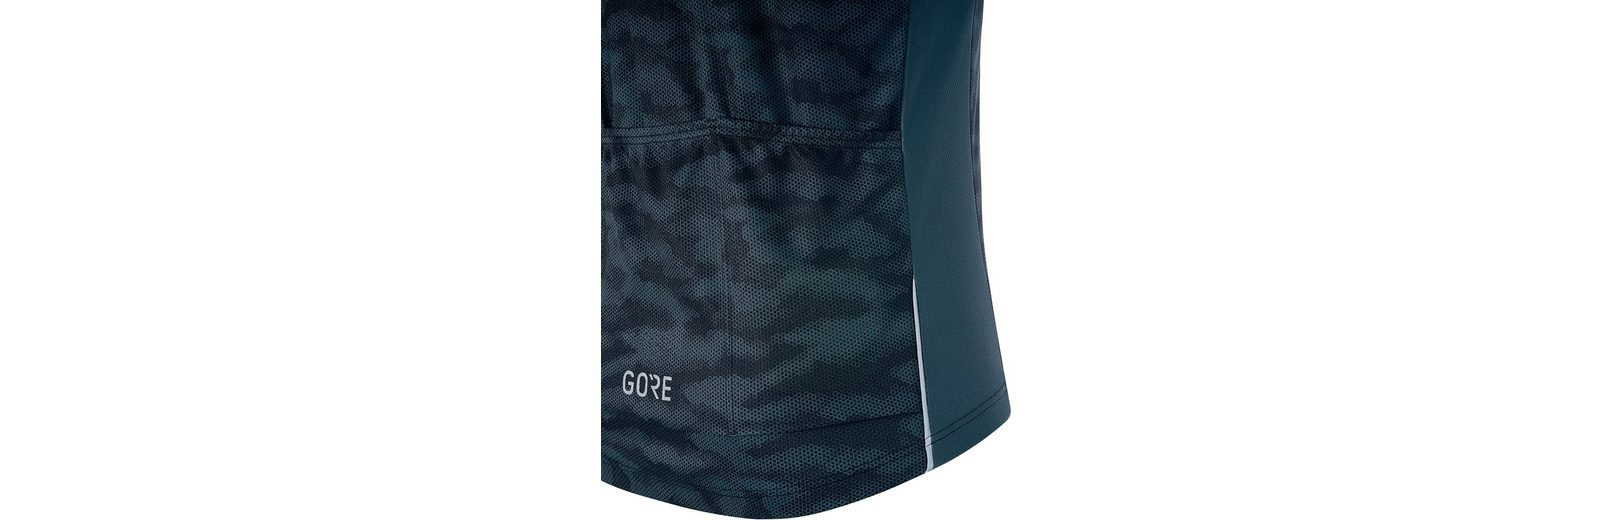 GORE WEAR T-Shirt C3 Cameleon Jersey Men Günstig Kaufen Fabrikverkauf Wie Viel Günstigen Preis WKyAzJ0ePi